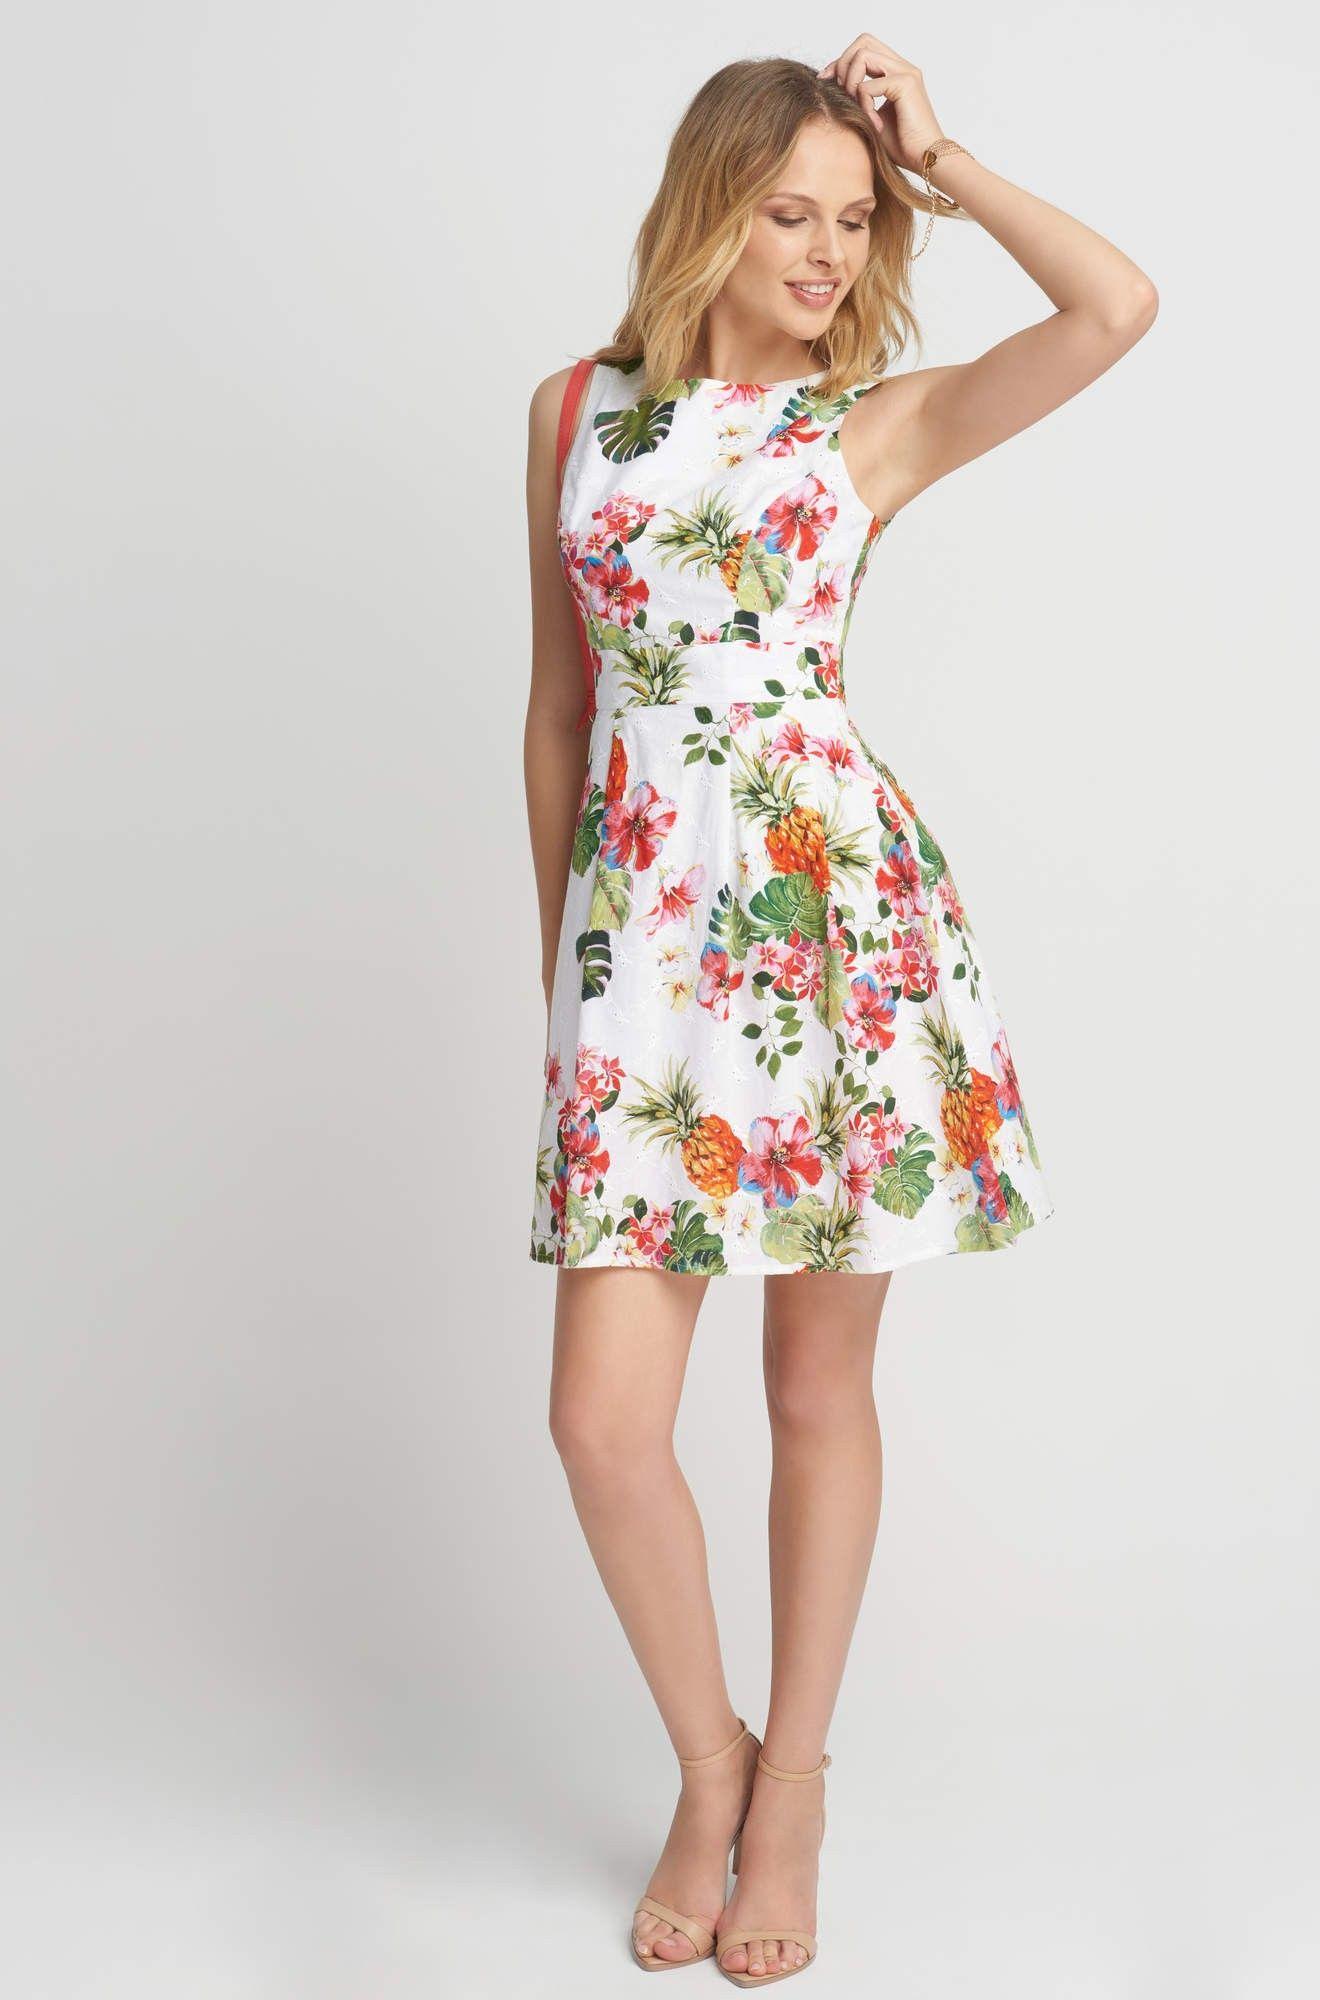 imagepetr laštovička on floral dress